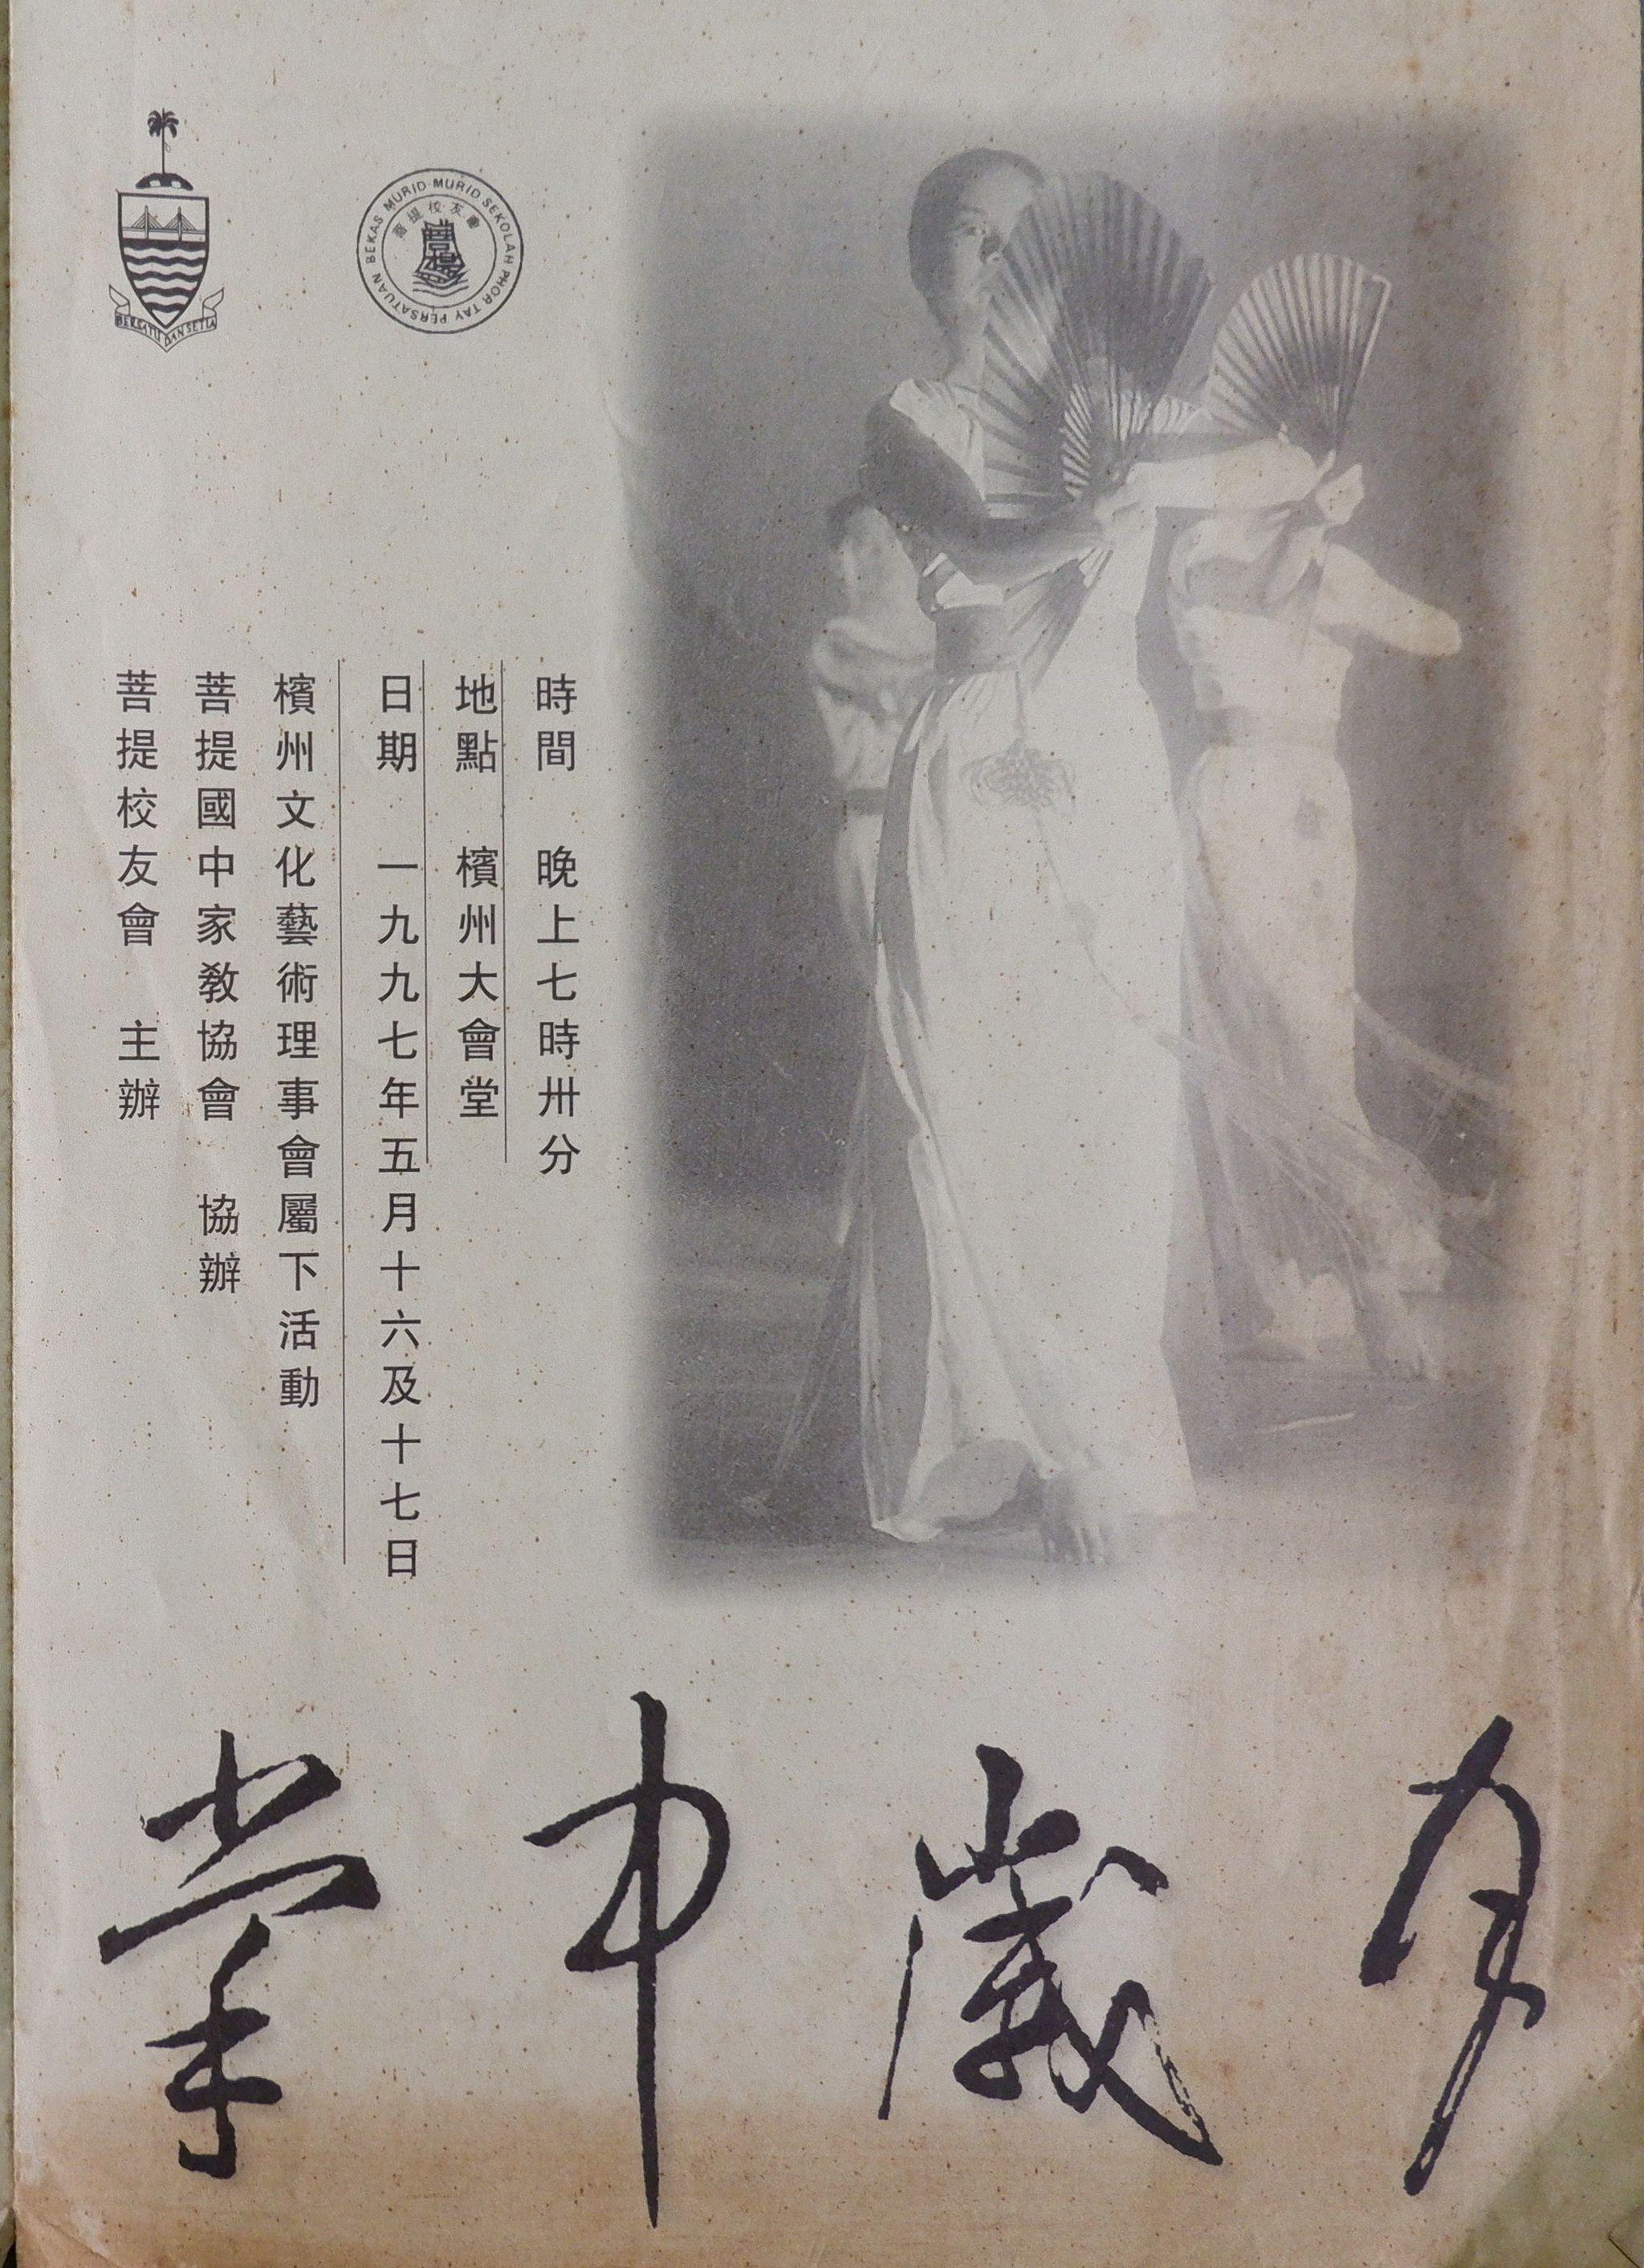 1997 Zhang Zhong Sui Yue Cover